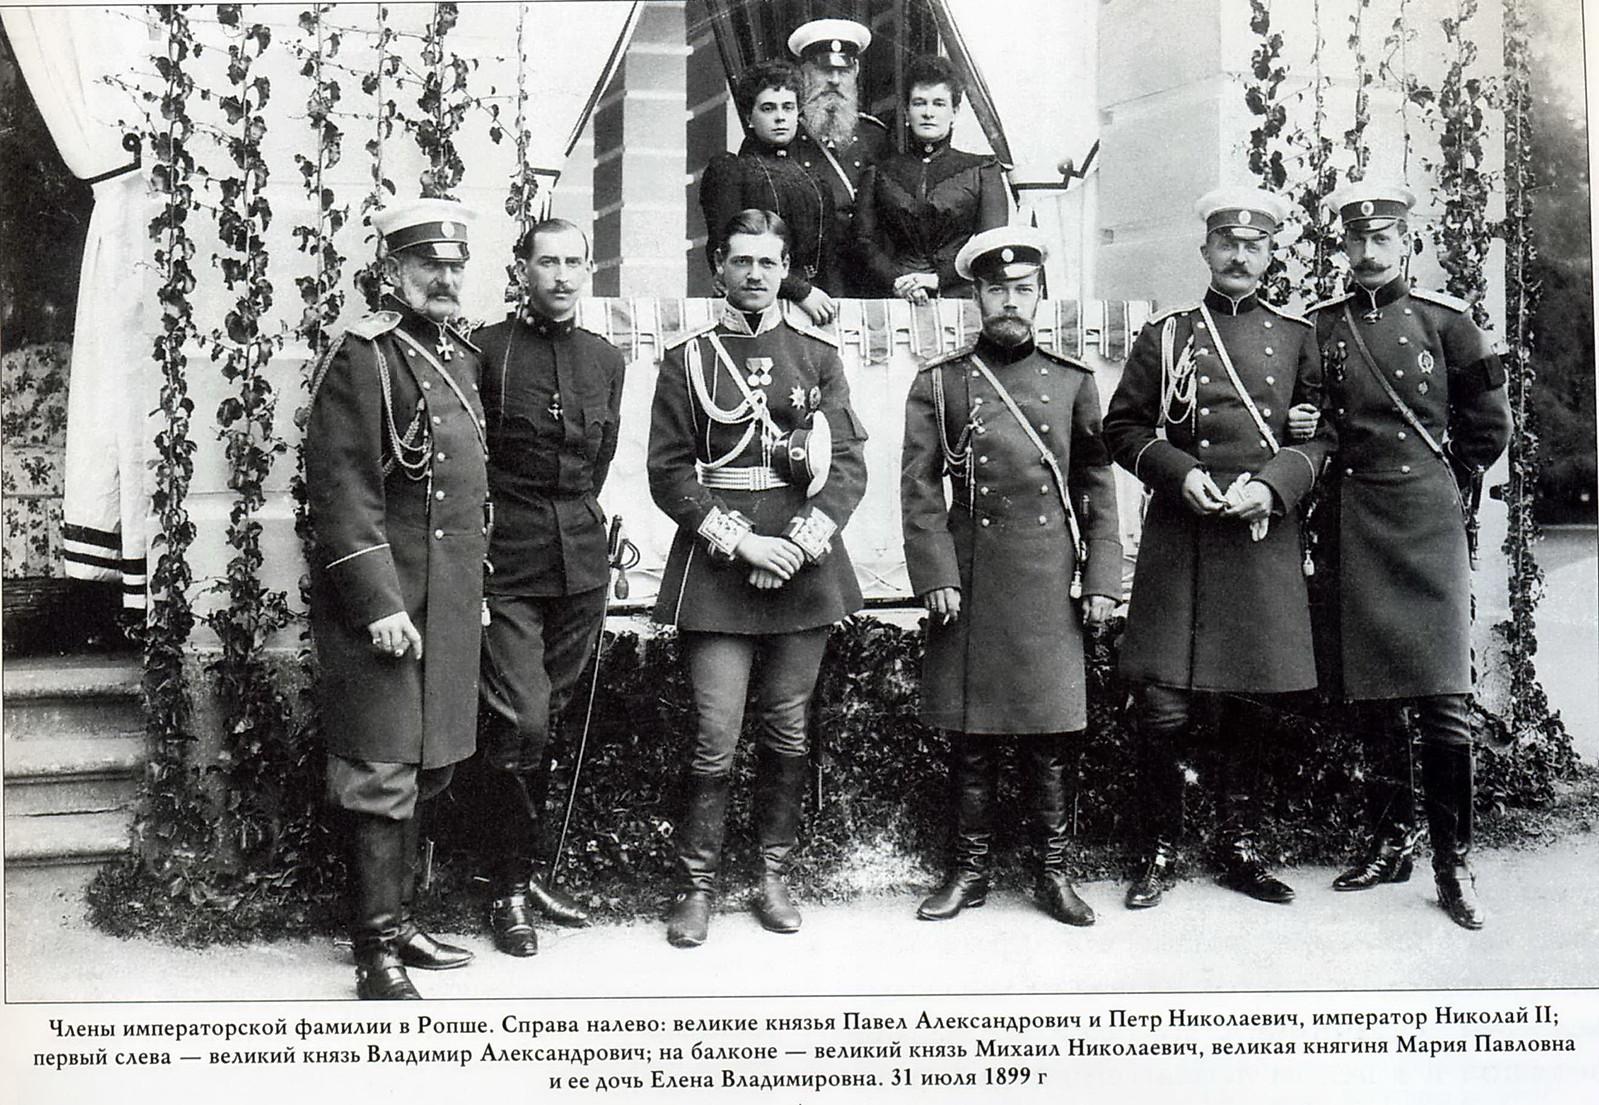 1899. Члены Императорской фамилии в Ропше